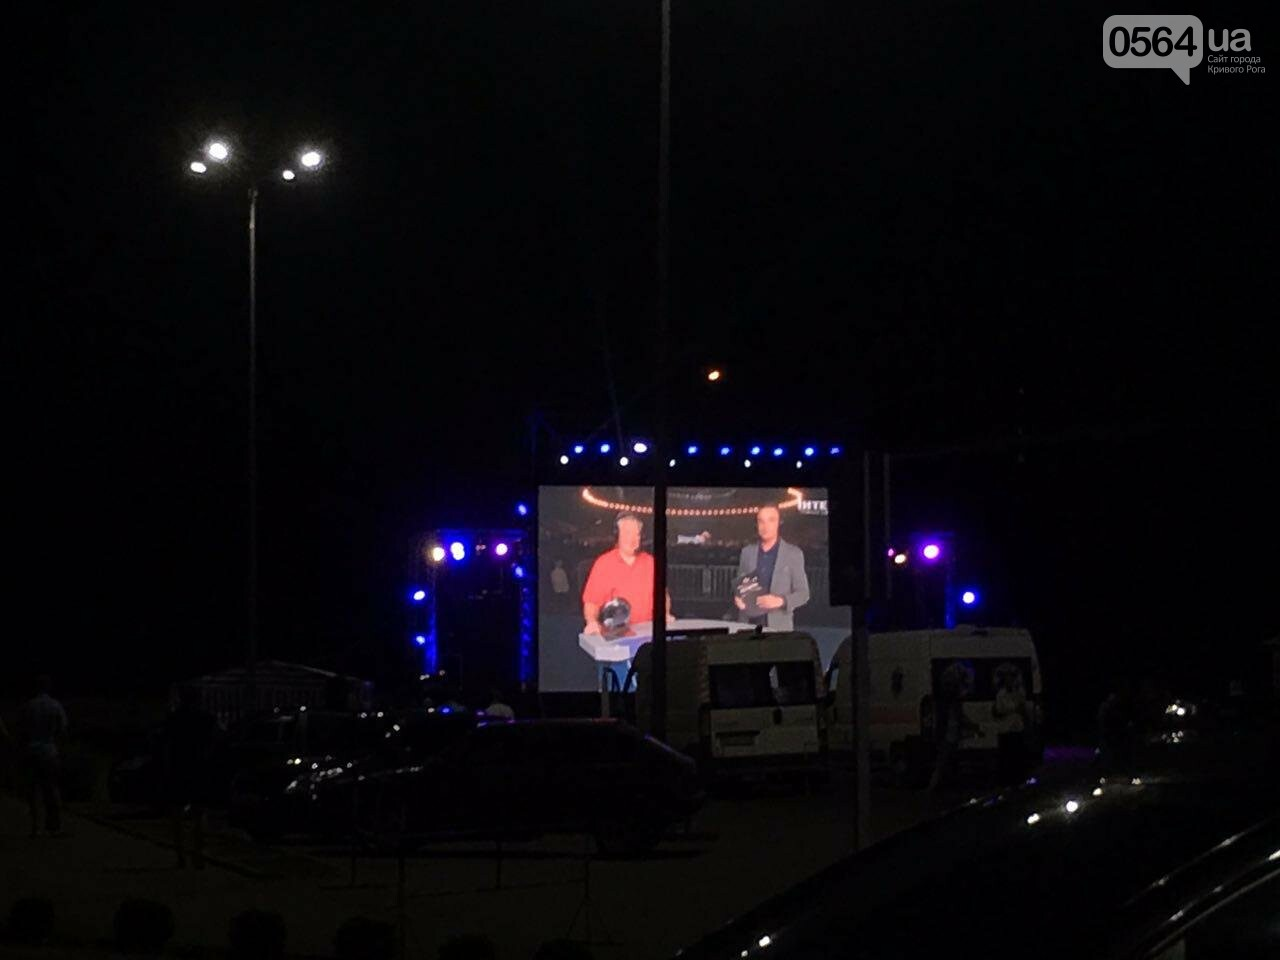 """В Кривом Роге горожане собрались у ТРК """"Солнечная галерея"""", чтобы посмотреть бой Усика с Гассиевым, - ФОТО, фото-2"""